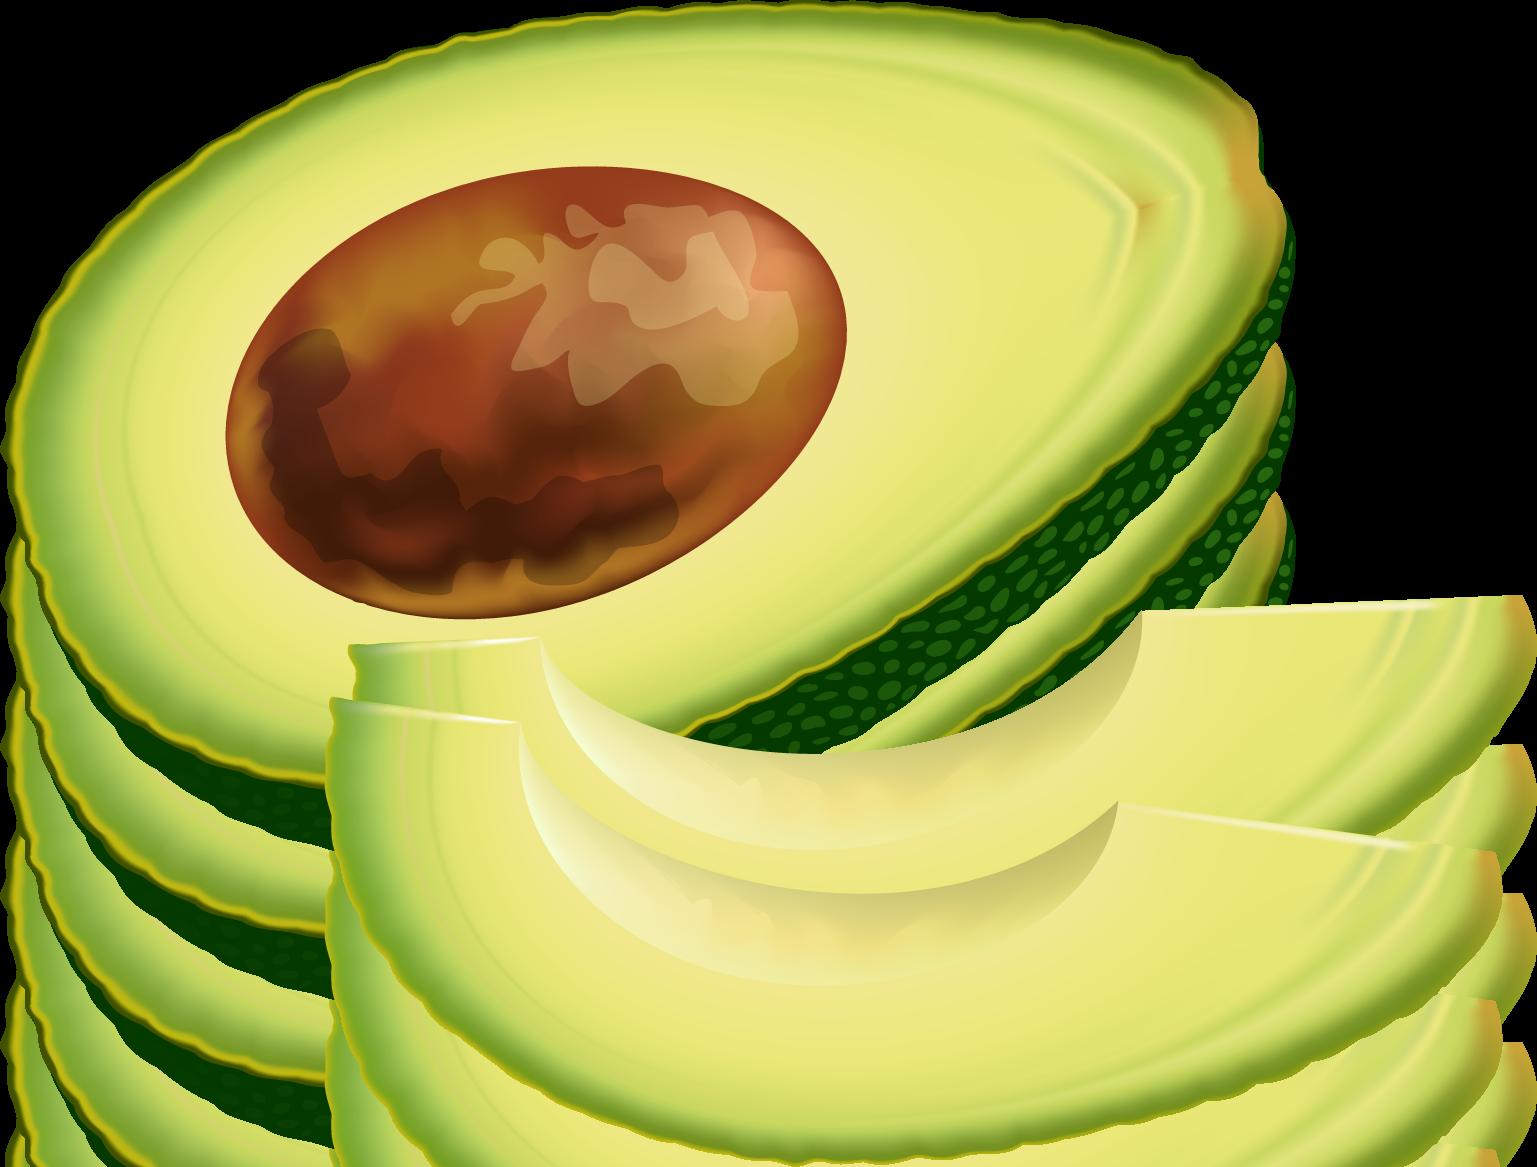 Avocados clipart #6